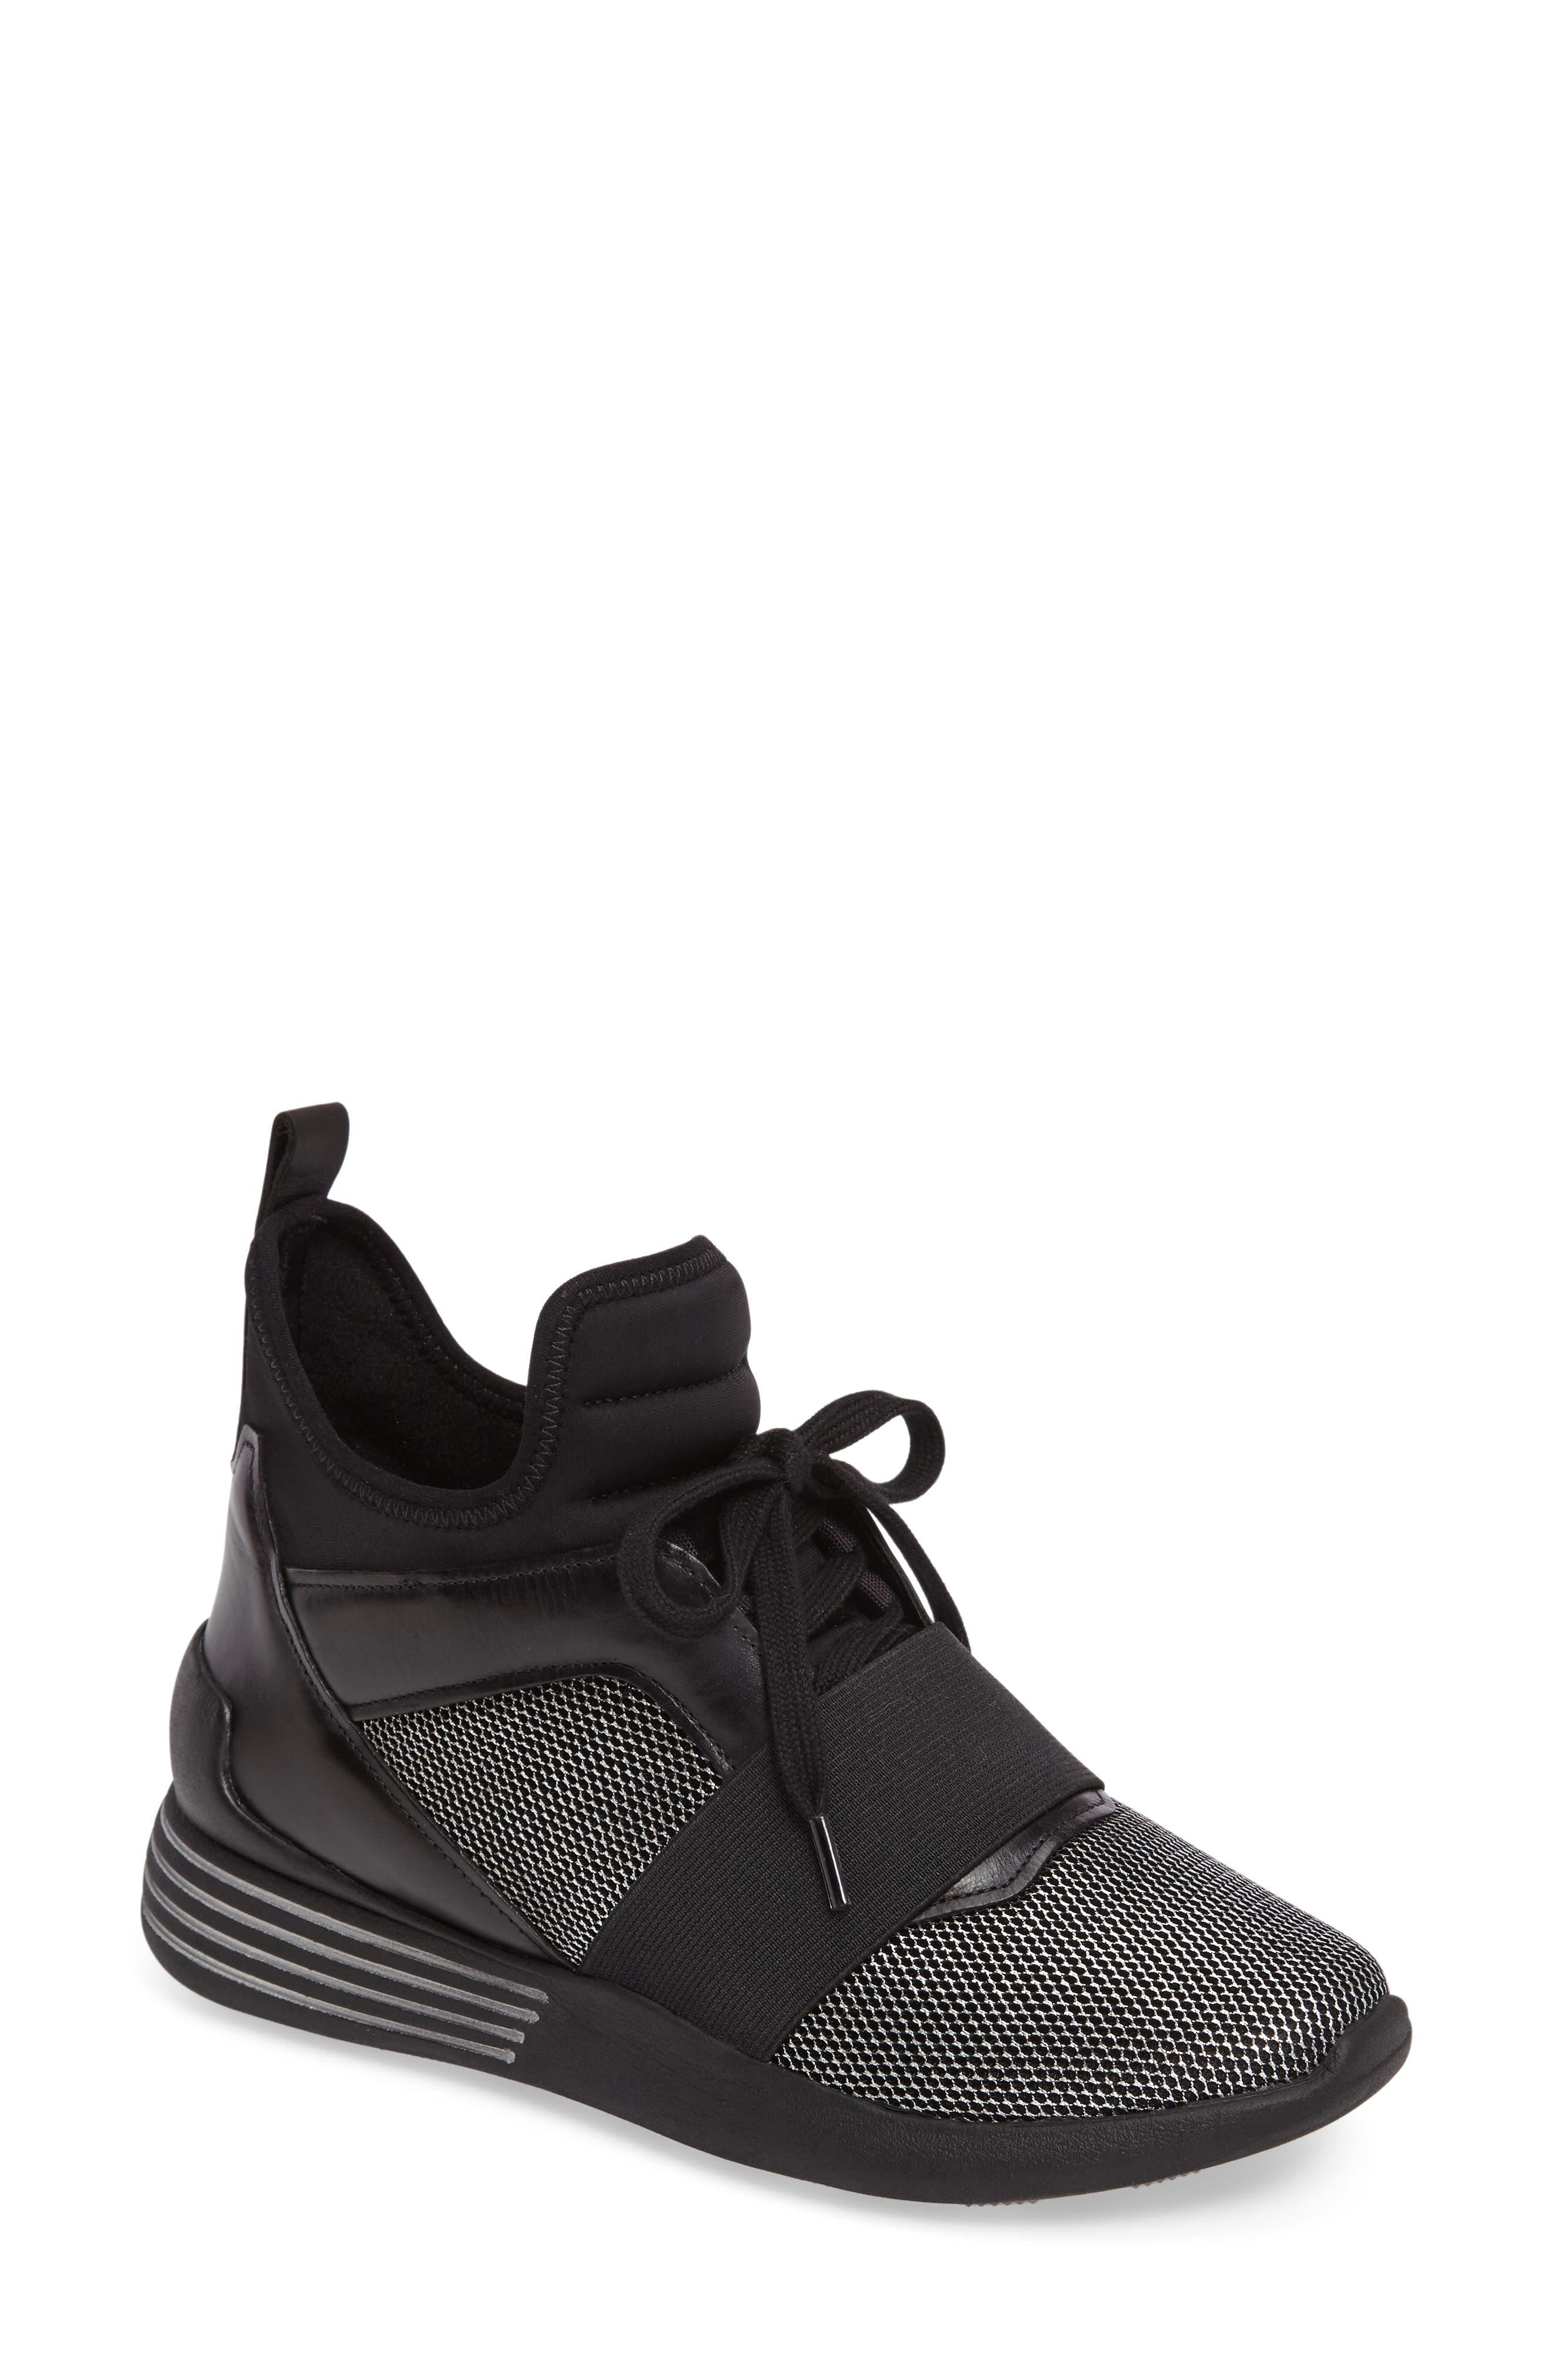 KENDALL + KYLIE Braydin Hidden Wedge Sneaker (Women)